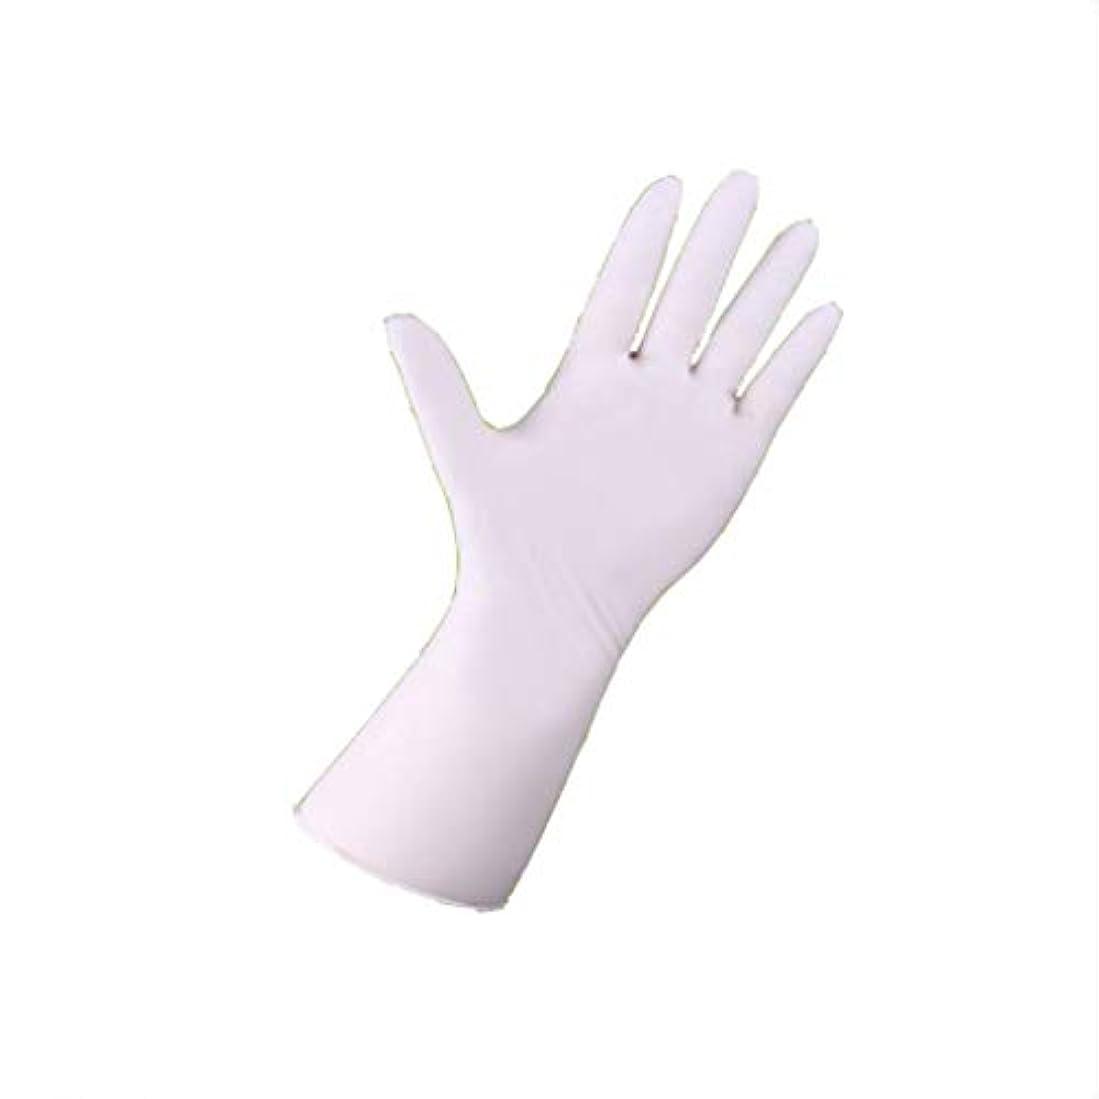 食べる通訳シンカン手袋、使い捨て手袋、長いゴムラボ、帯電防止ペディキュア、マッサージ、ハンドマッサージ100 (サイズ さいず : S s)